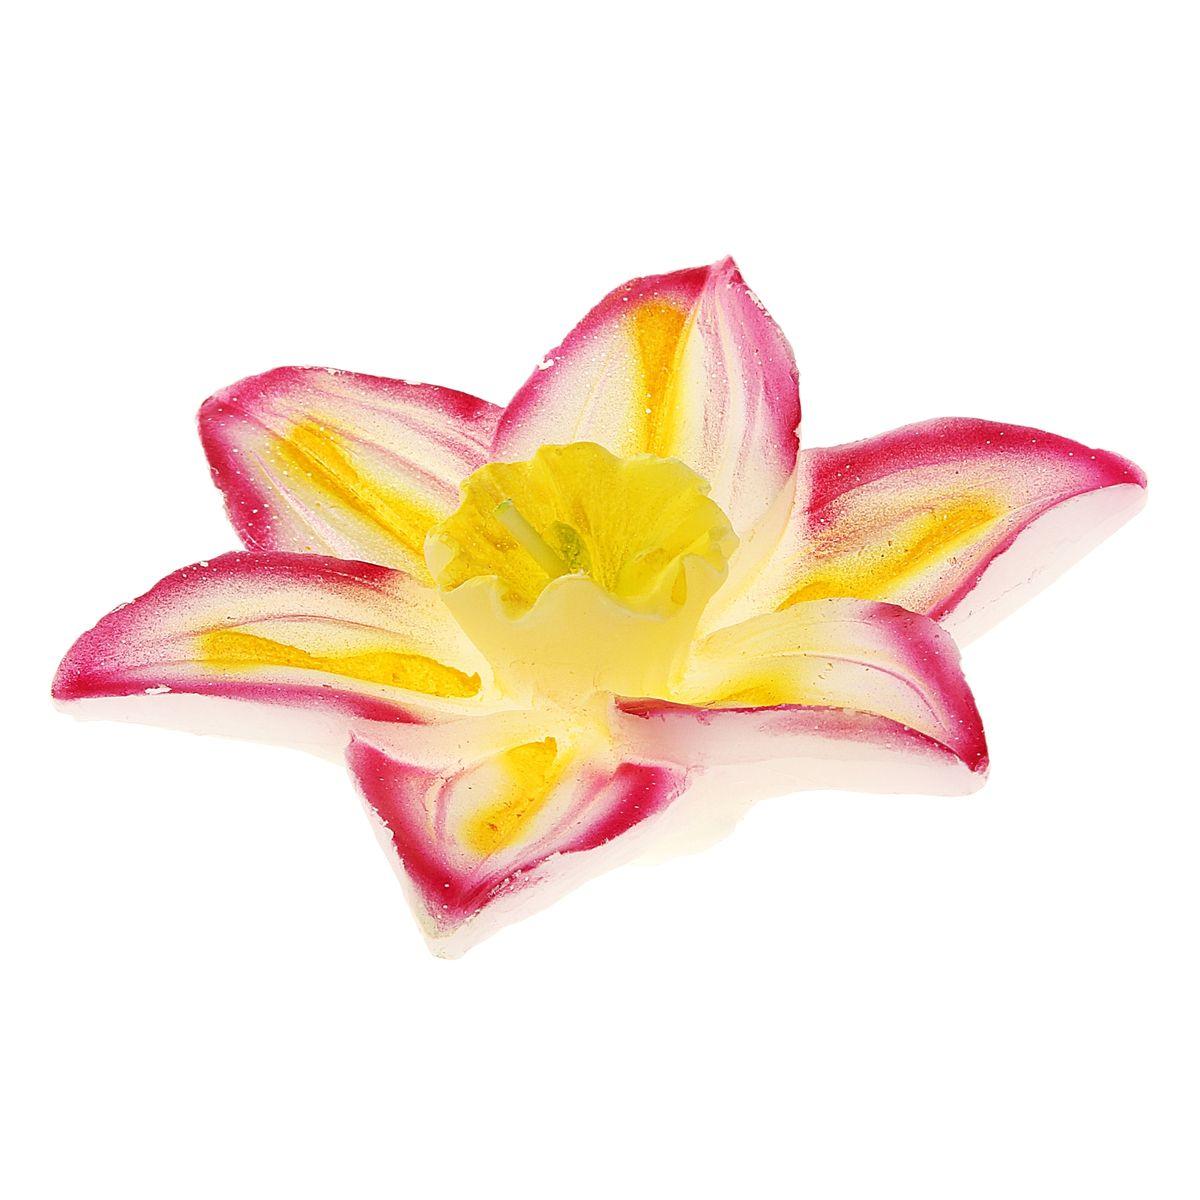 Свеча Sima-land Лилия, плавающая, 10 х 10 х 3 см 82924712723Плавающая свеча Sima-land Лилия выполнена из воска и виде цветка лилии. Такая свеча станет не только украшением любого интерьера, но и отличным подарком.Свеча Sima-land Лилия создаст незабываемую атмосферу, будь то торжество, романтический вечер или будничный день. Опускайте свечу в красивую хрустальную вазу с водой, зажгите и любуйтесь.Размер свечи: 10 см х 10 см х 3 см.